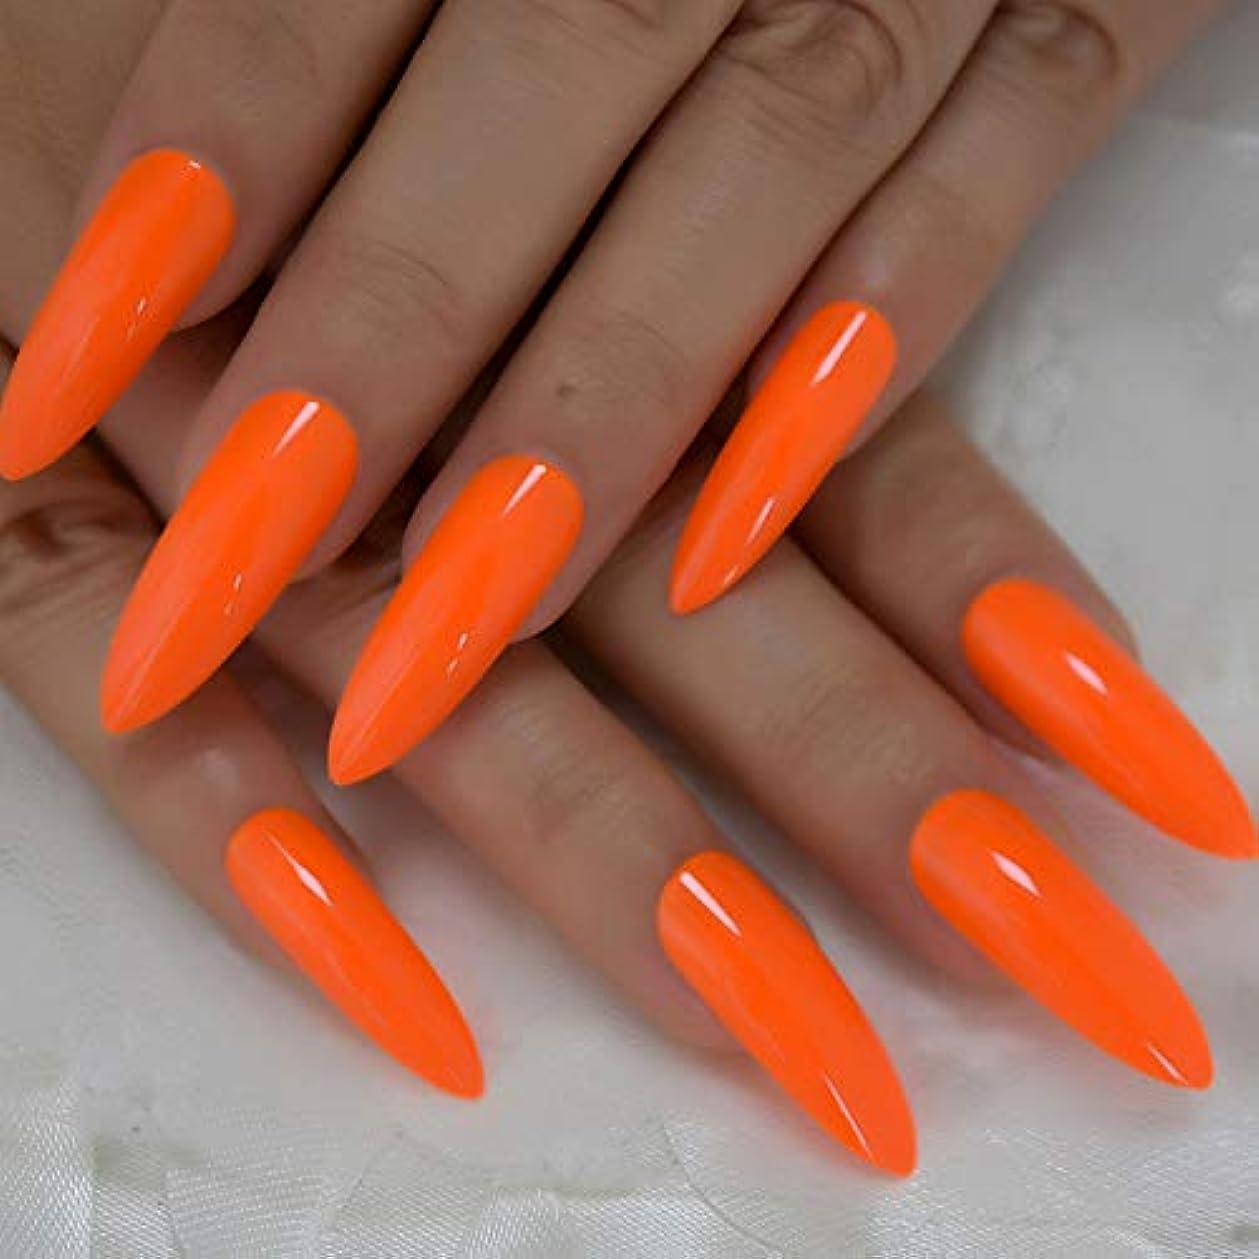 連隊遠征パックXUTXZKA 偽の爪爪のデコレーションマニキュアのヒントの非常に長いオレンジ色の光沢のあるプレス爪24